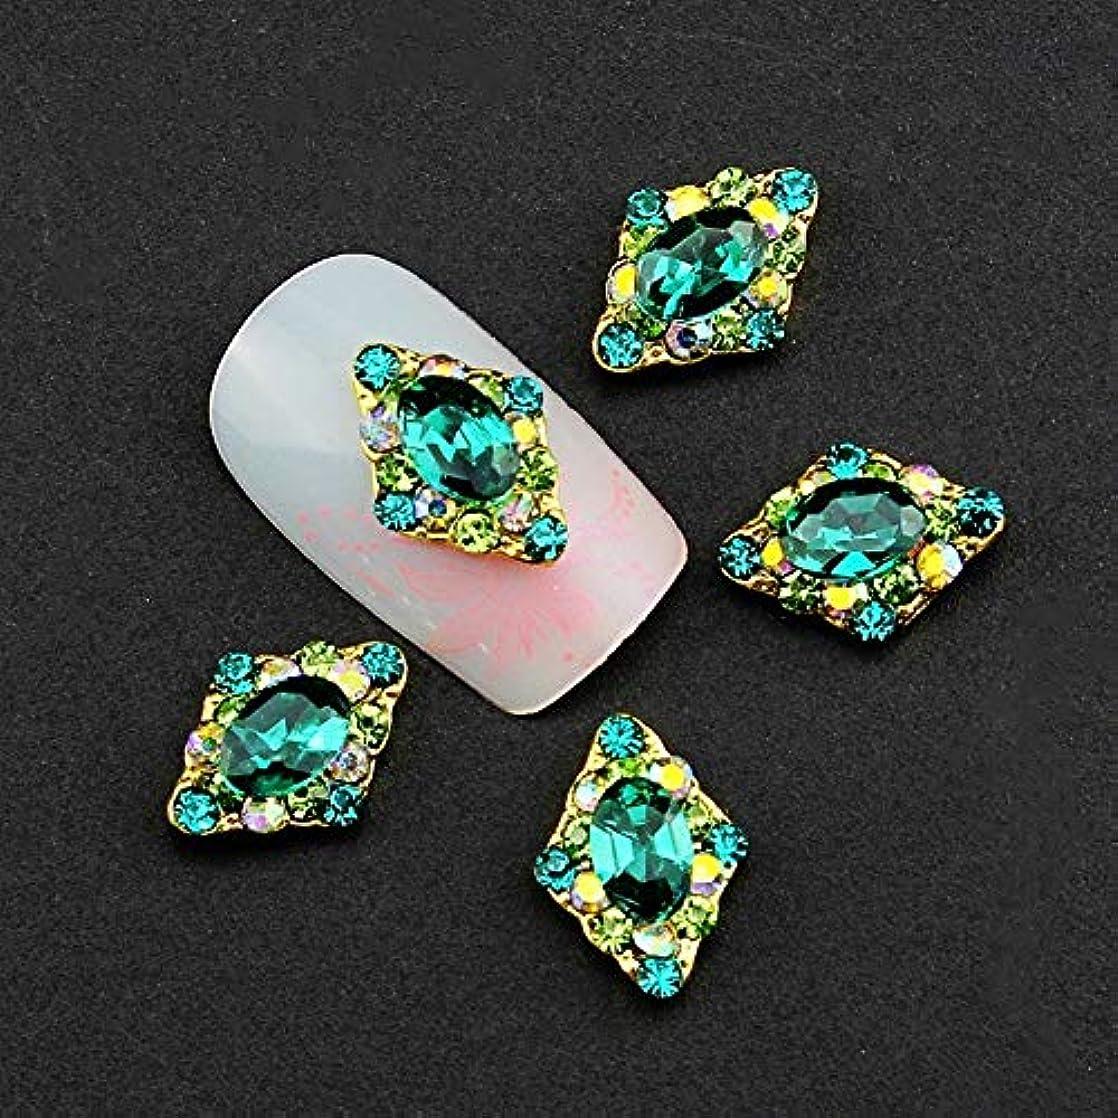 キュービック垂直真珠のようなマニキュアツールアクセサリーギフトのための3Dネイルアートの装飾10個入りグリッターグリーンのラインストーン合金ネイルステッカーチャームジュエリー